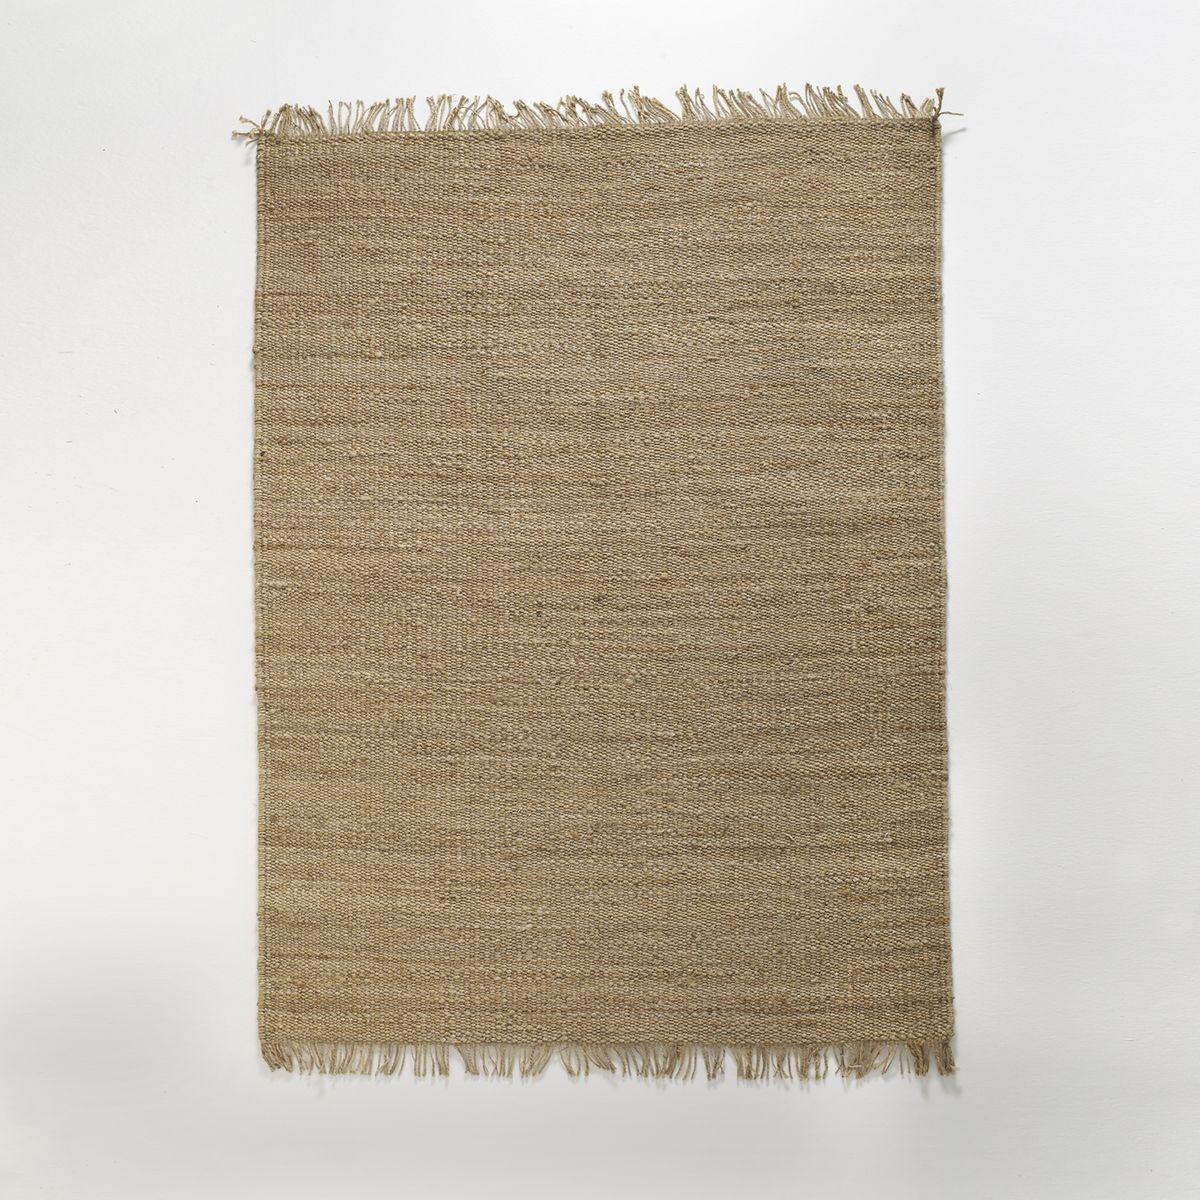 comparer tapis de yoga en toile de jute avec pour acheter moins cher. Black Bedroom Furniture Sets. Home Design Ideas